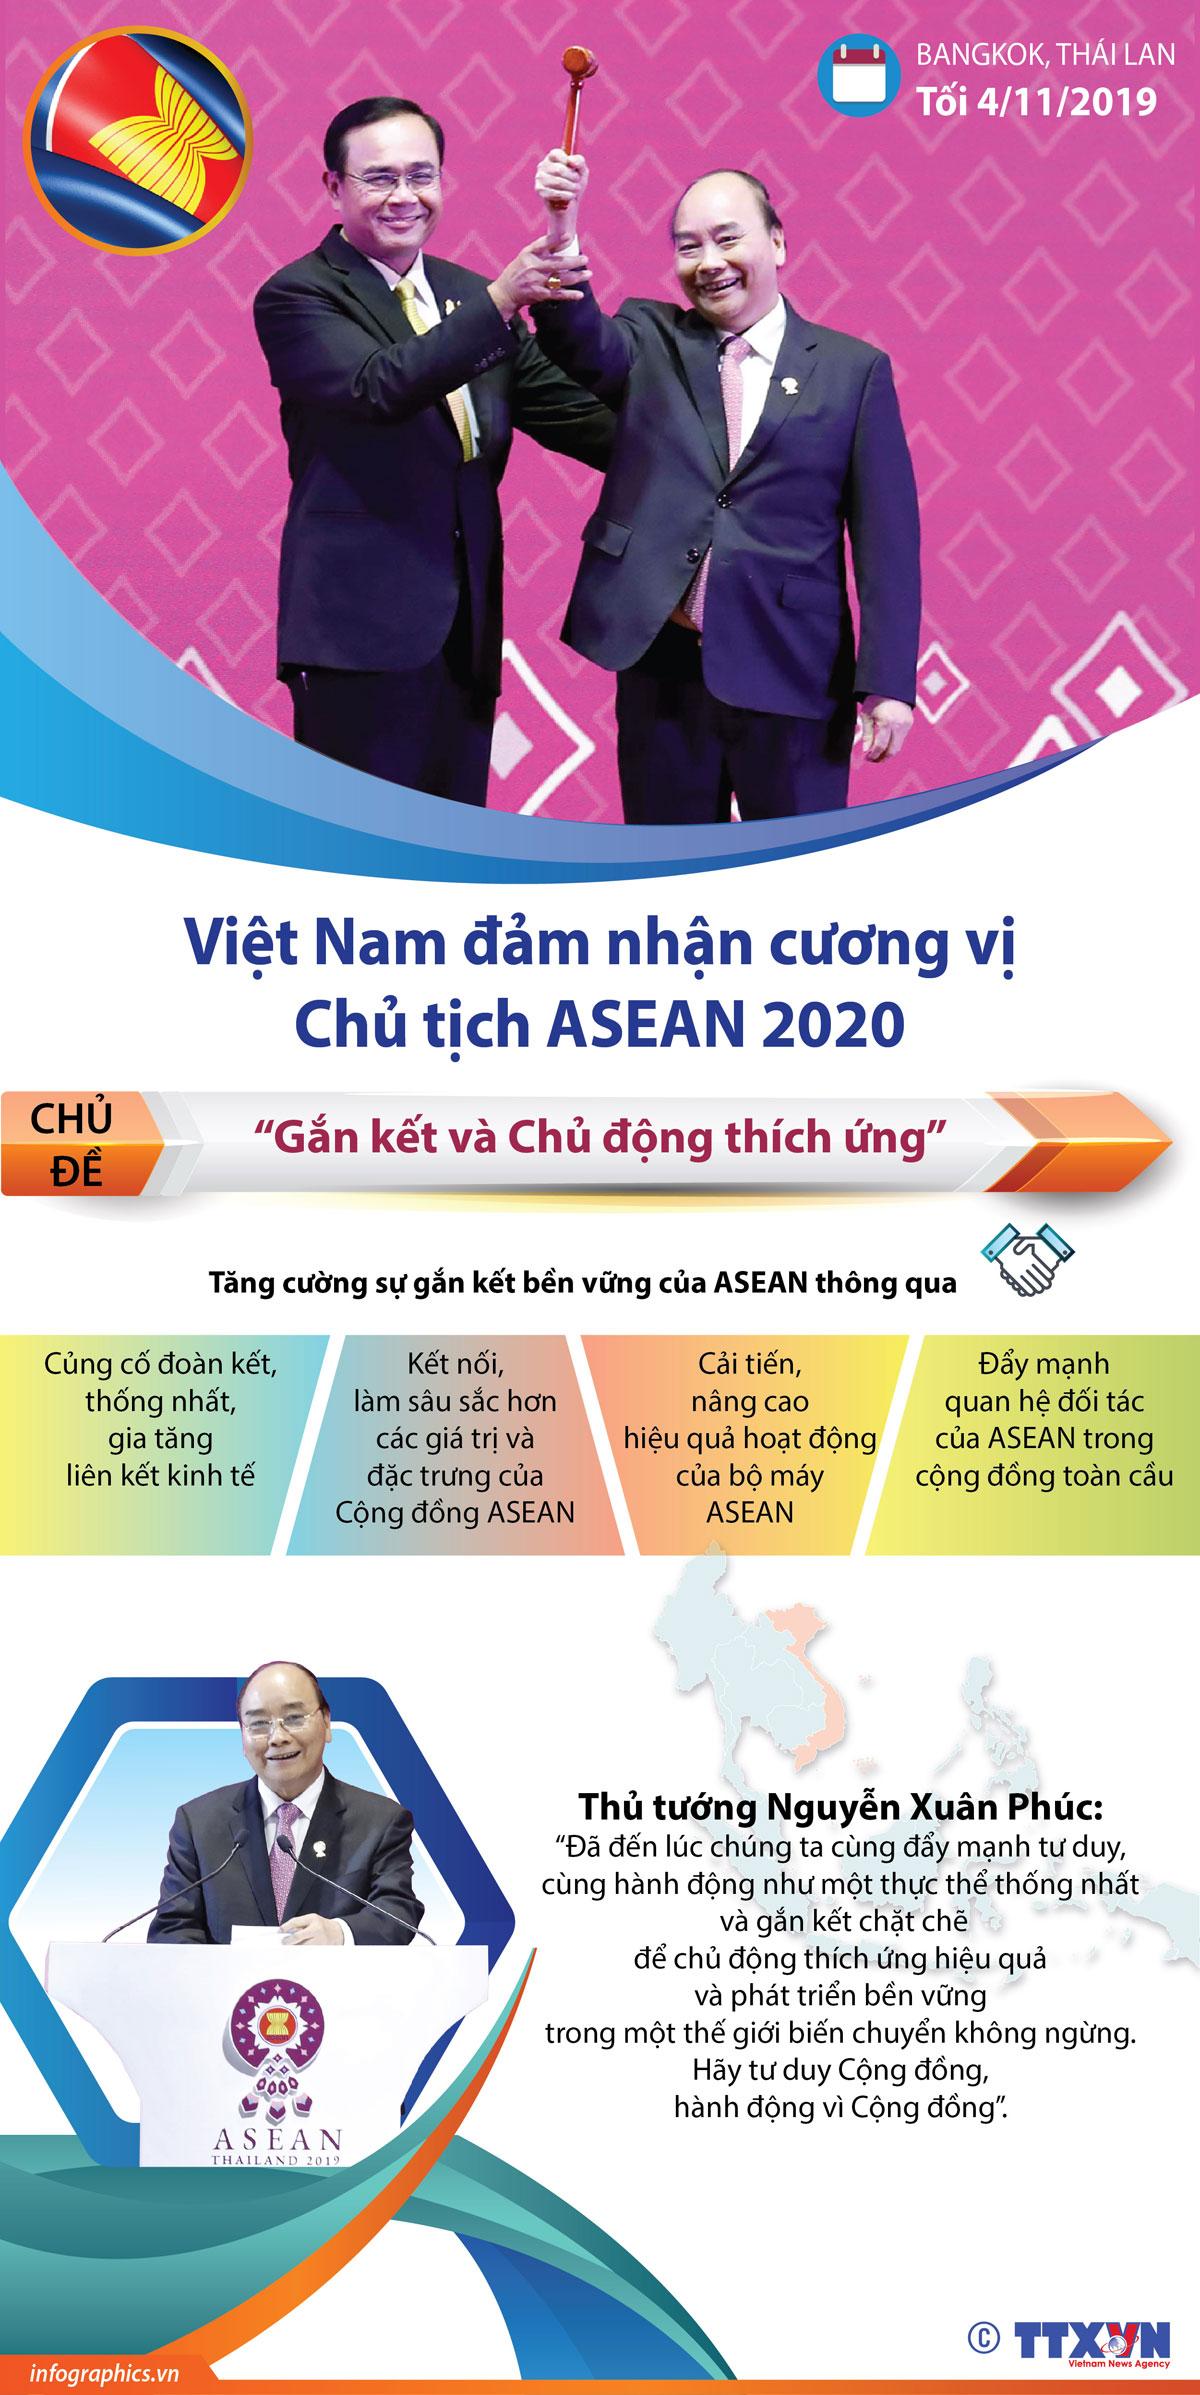 chính trị -ngoại giao, việt nam, cương vị, chủ tịch ASEAN, năm 2020